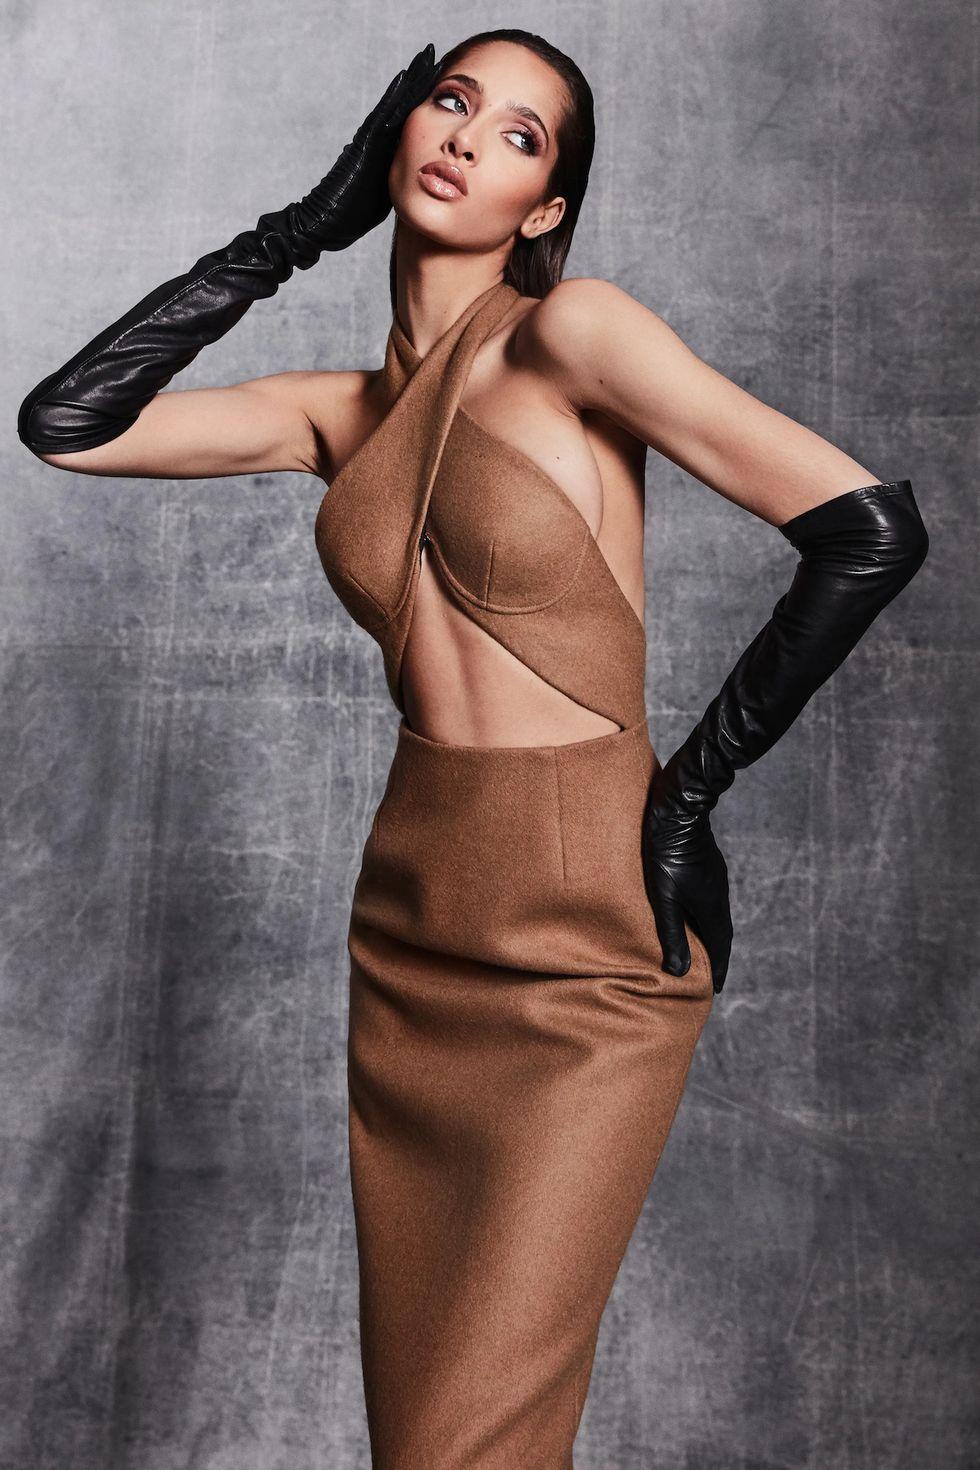 Những chiếc găng tay là món đồ hot nhất sàn diễn thời trang vừa qua - hình ảnh 5